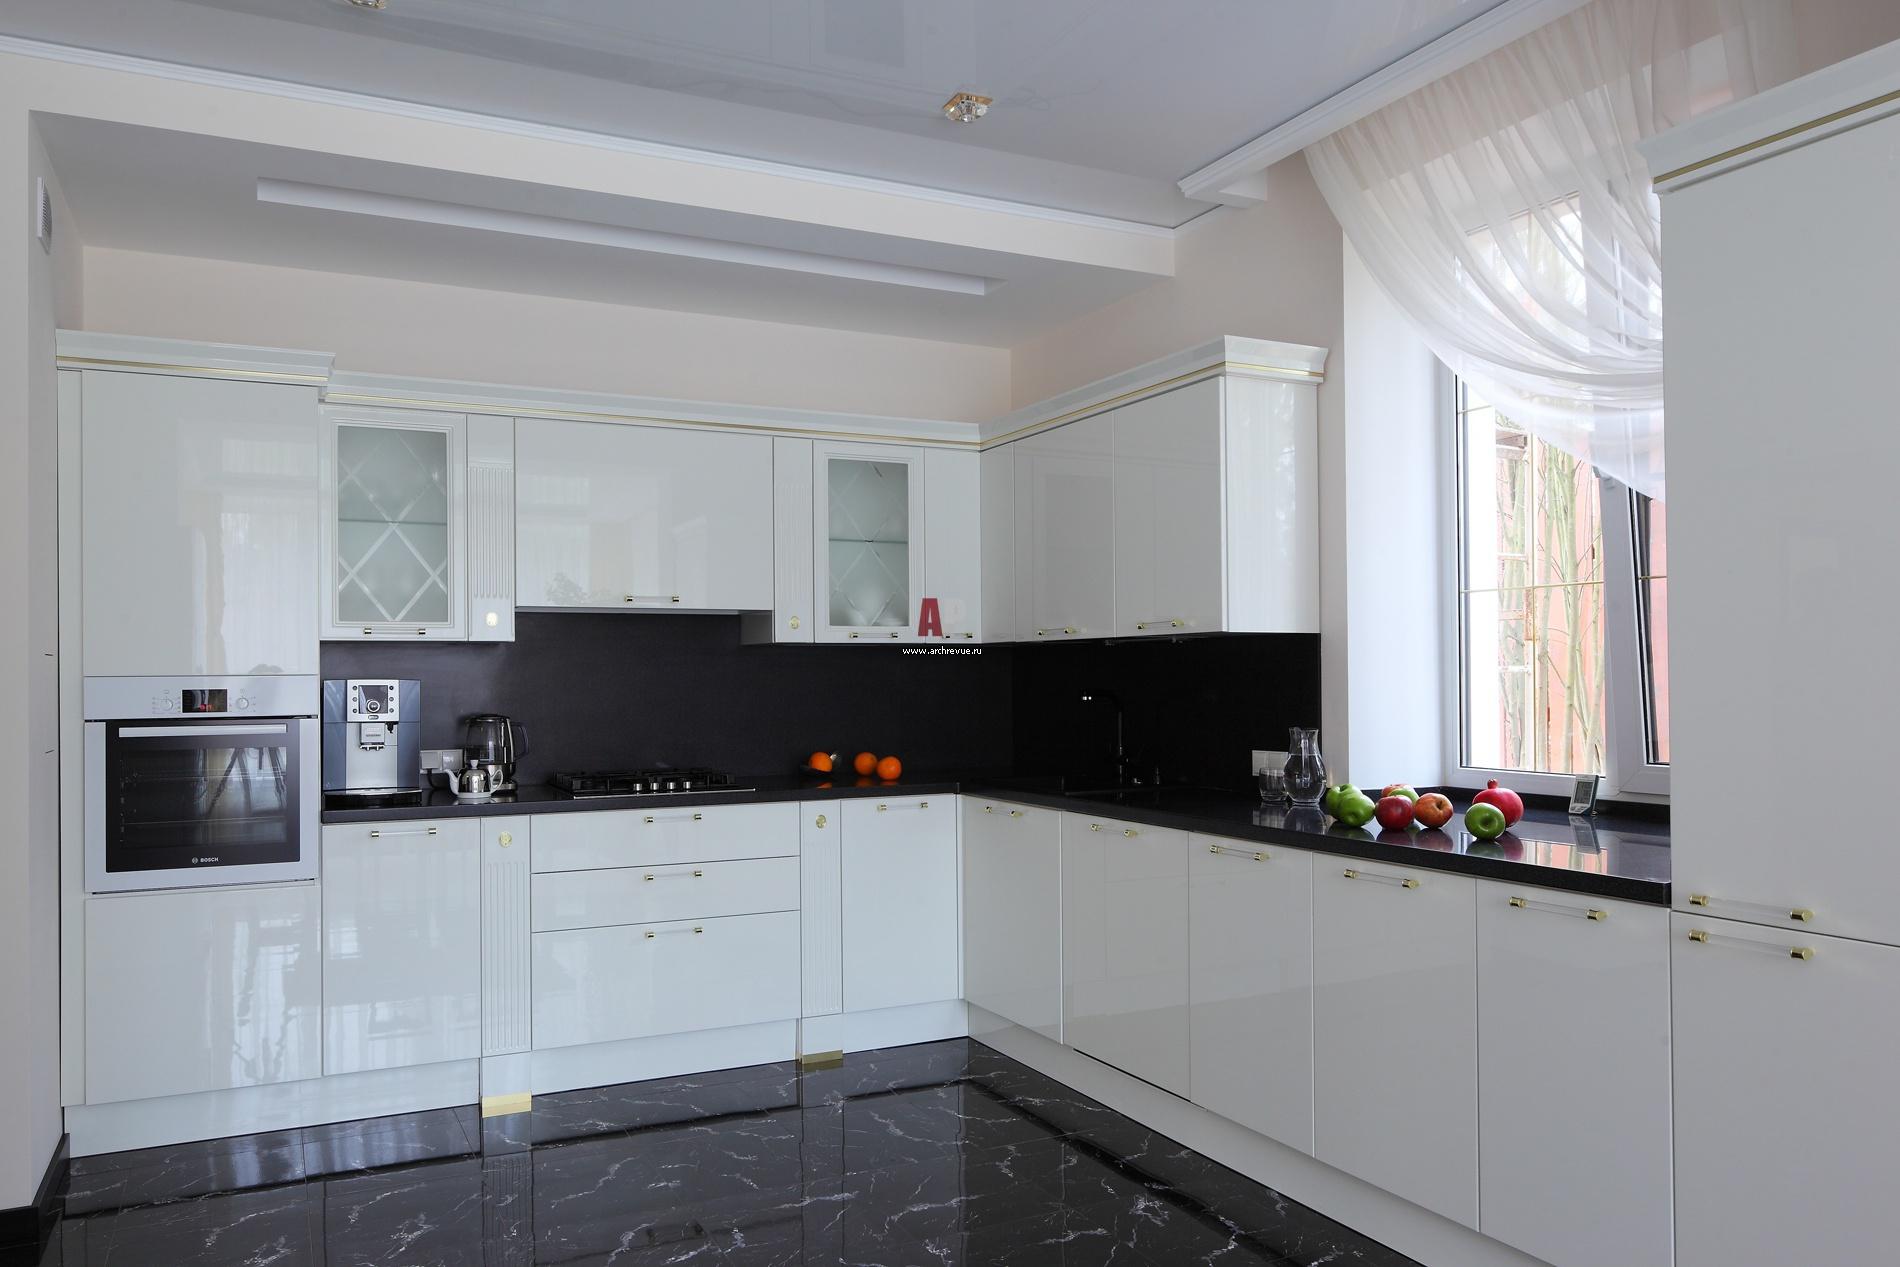 the_original_kitchen_interior_decoration-15